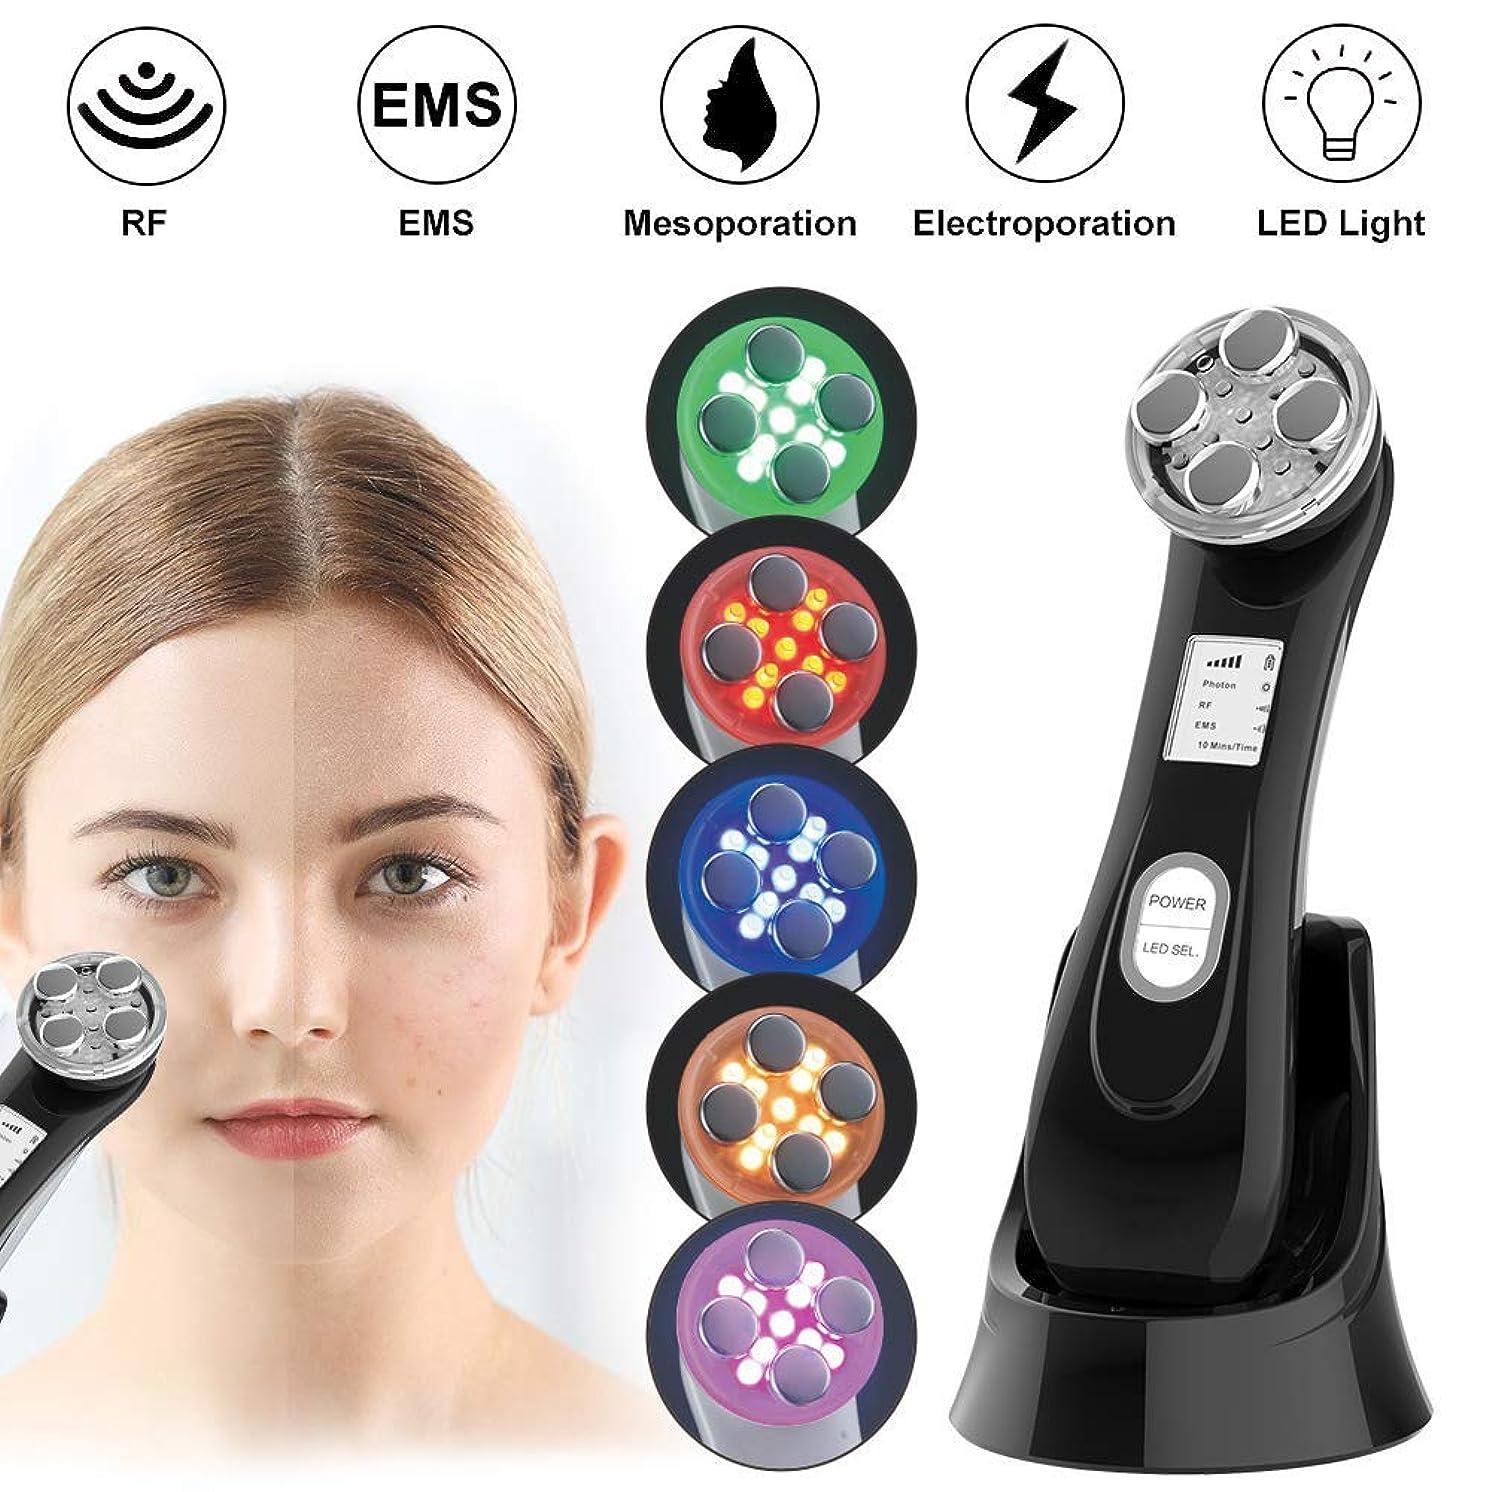 治す不信モンク肌の引き締め機、しわ除去機、6 in 1 RF美容アンチエイジングアンチニキビフェイシャルリフティング美容機高周波USB充電式EMS超音波LEDフェイシャルフォトンフェイススキンケア